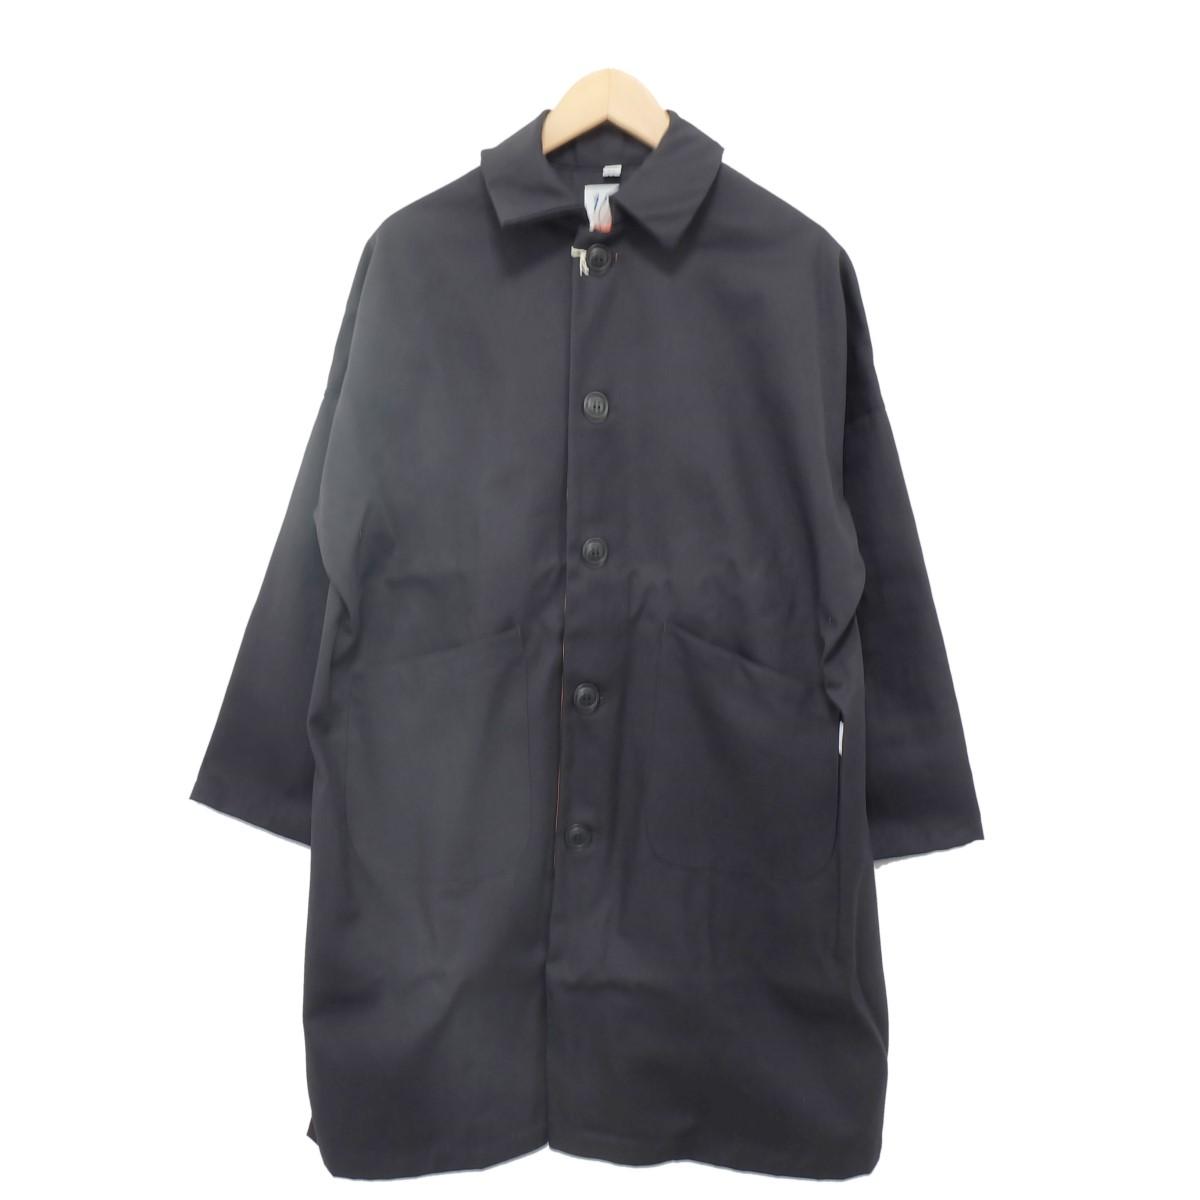 【中古】SOPH. ×YARMO 18SS DUSTER COAT ダスターコート ブラック サイズ:S 【290820】(ソフ)